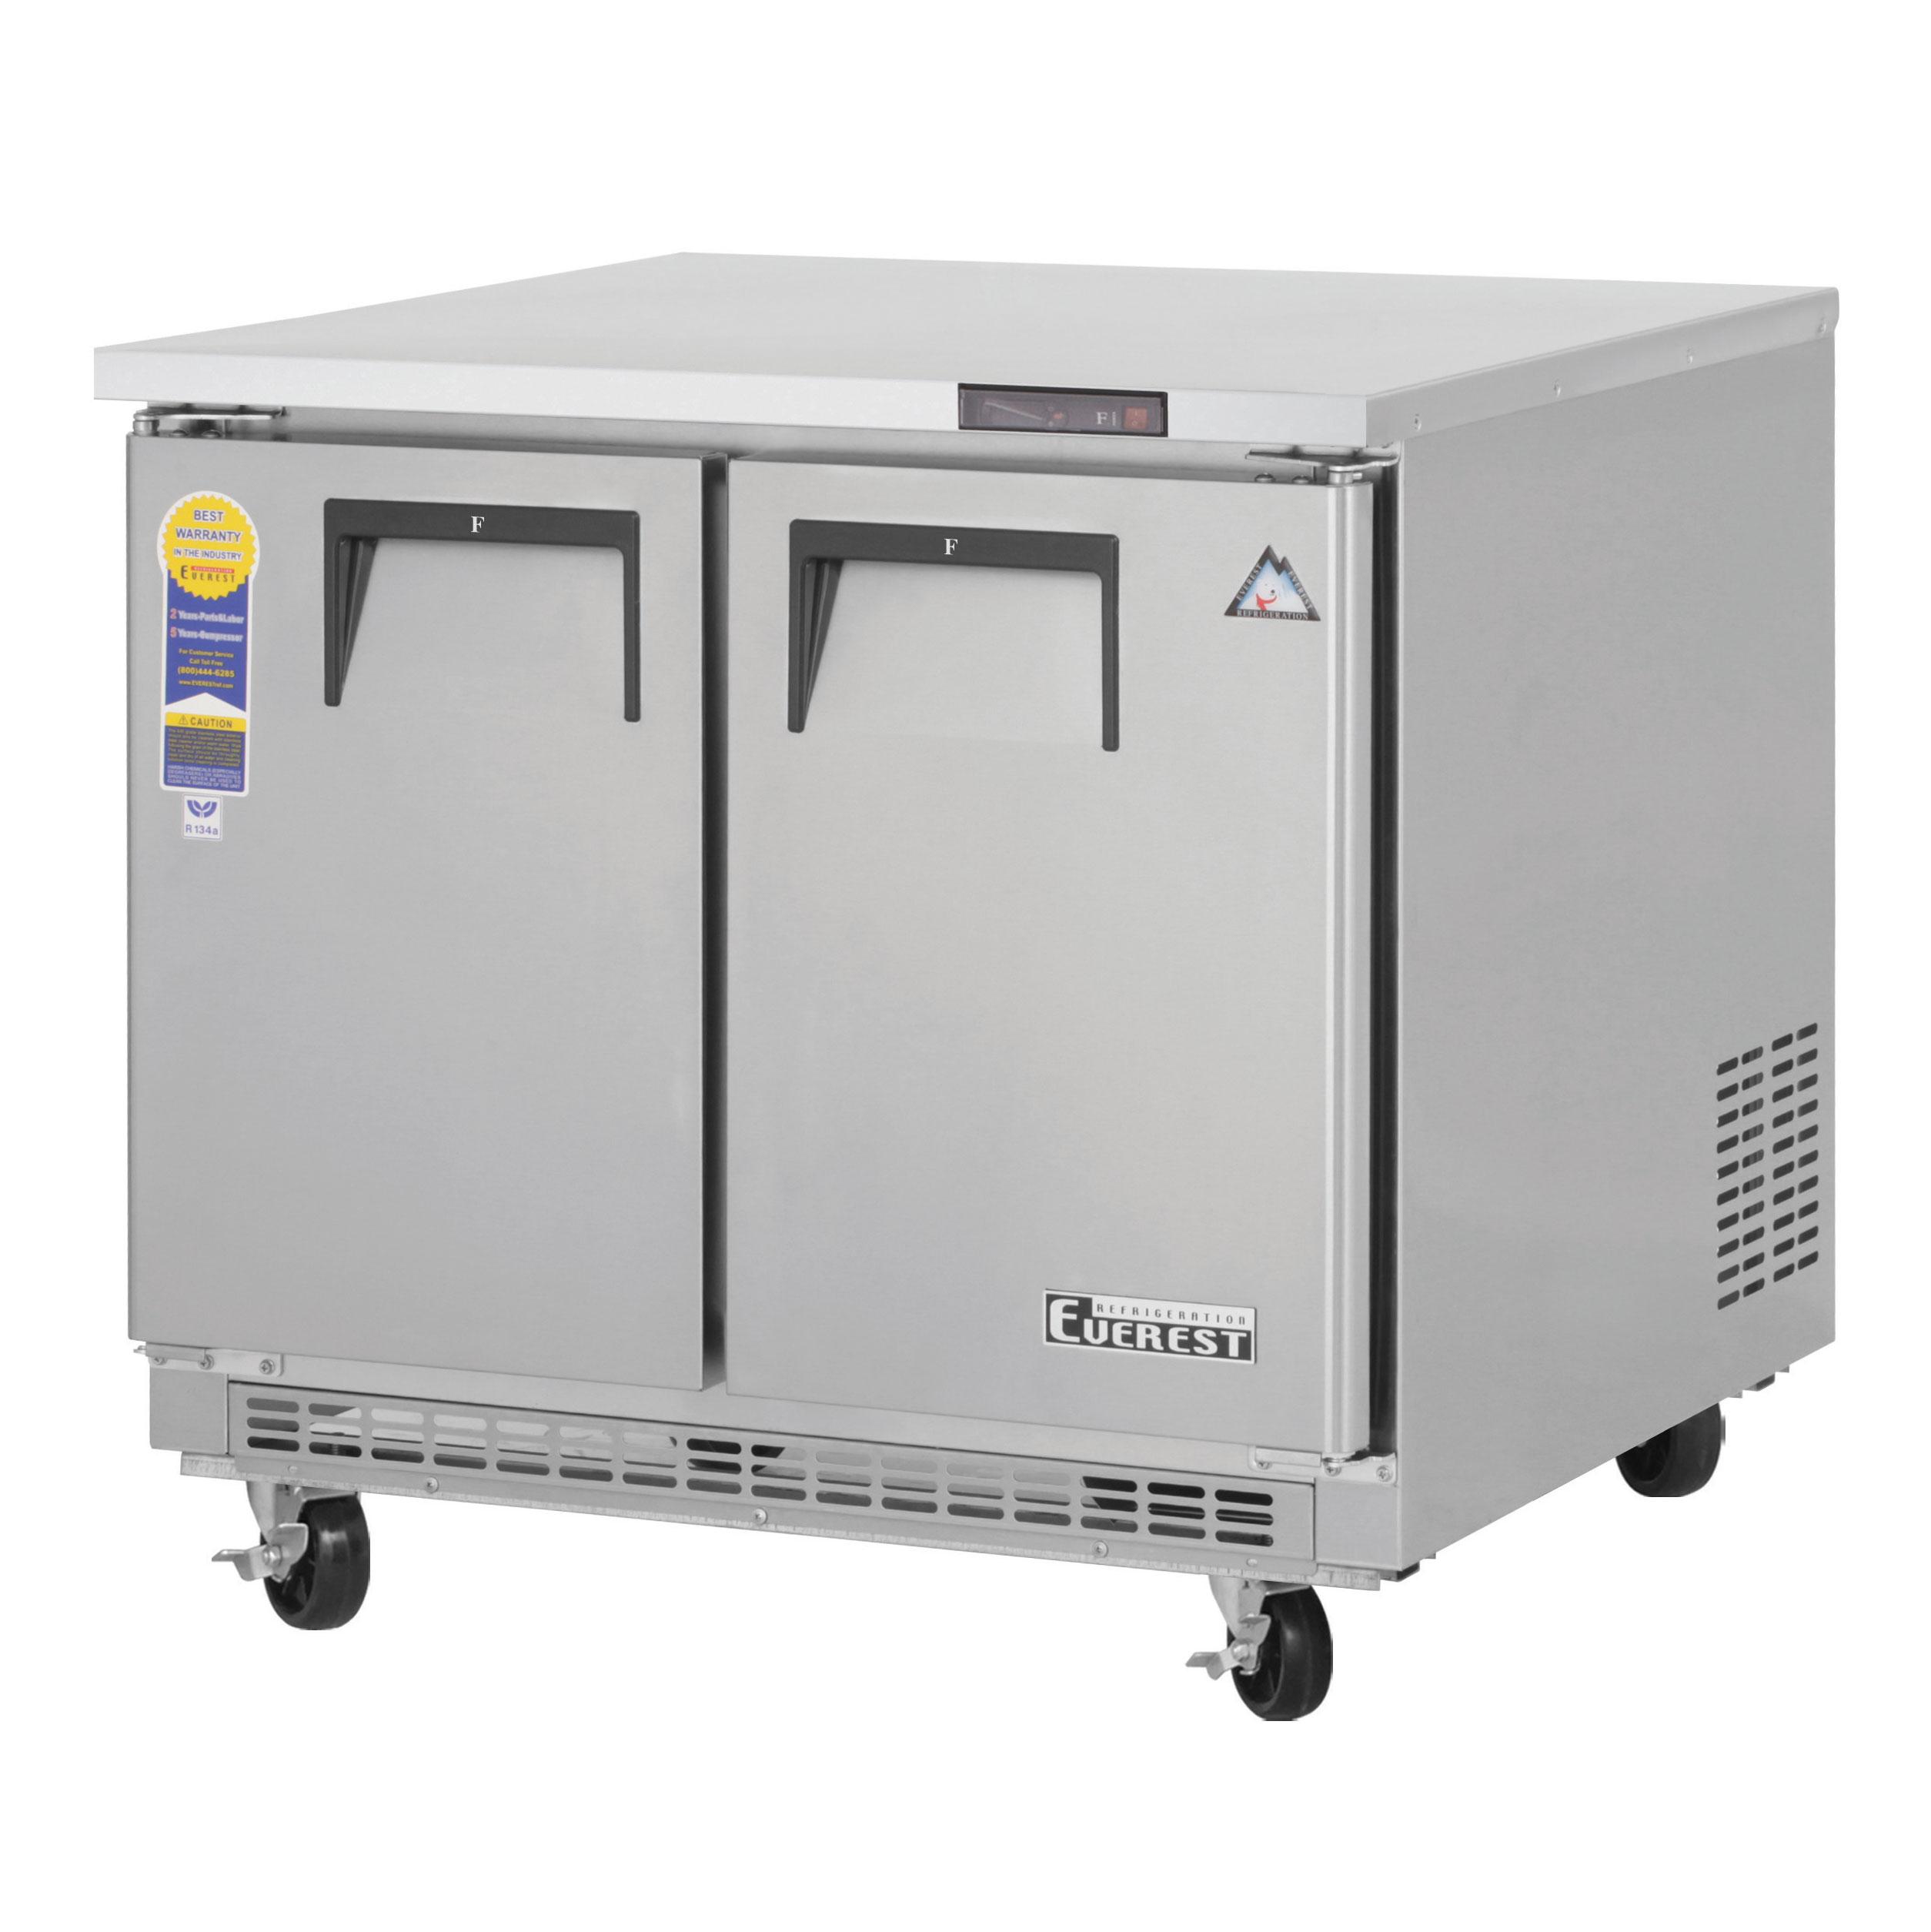 ETBSF2 Everest Refrigeration freezer, undercounter, reach-in